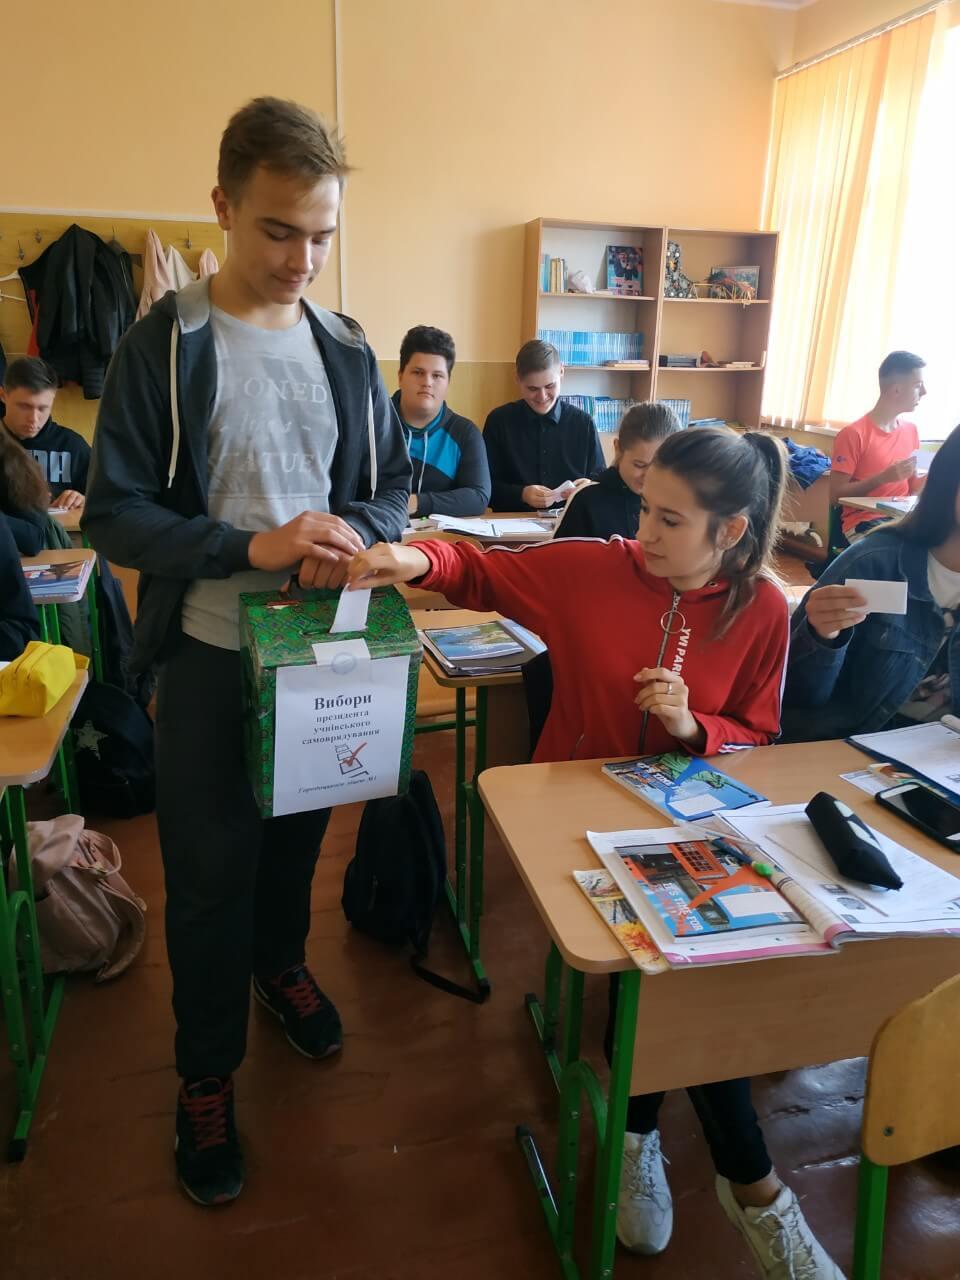 zobrazhennya viber 2019 09 25 16 10 01 - Вибори президента учнівського самоврядування